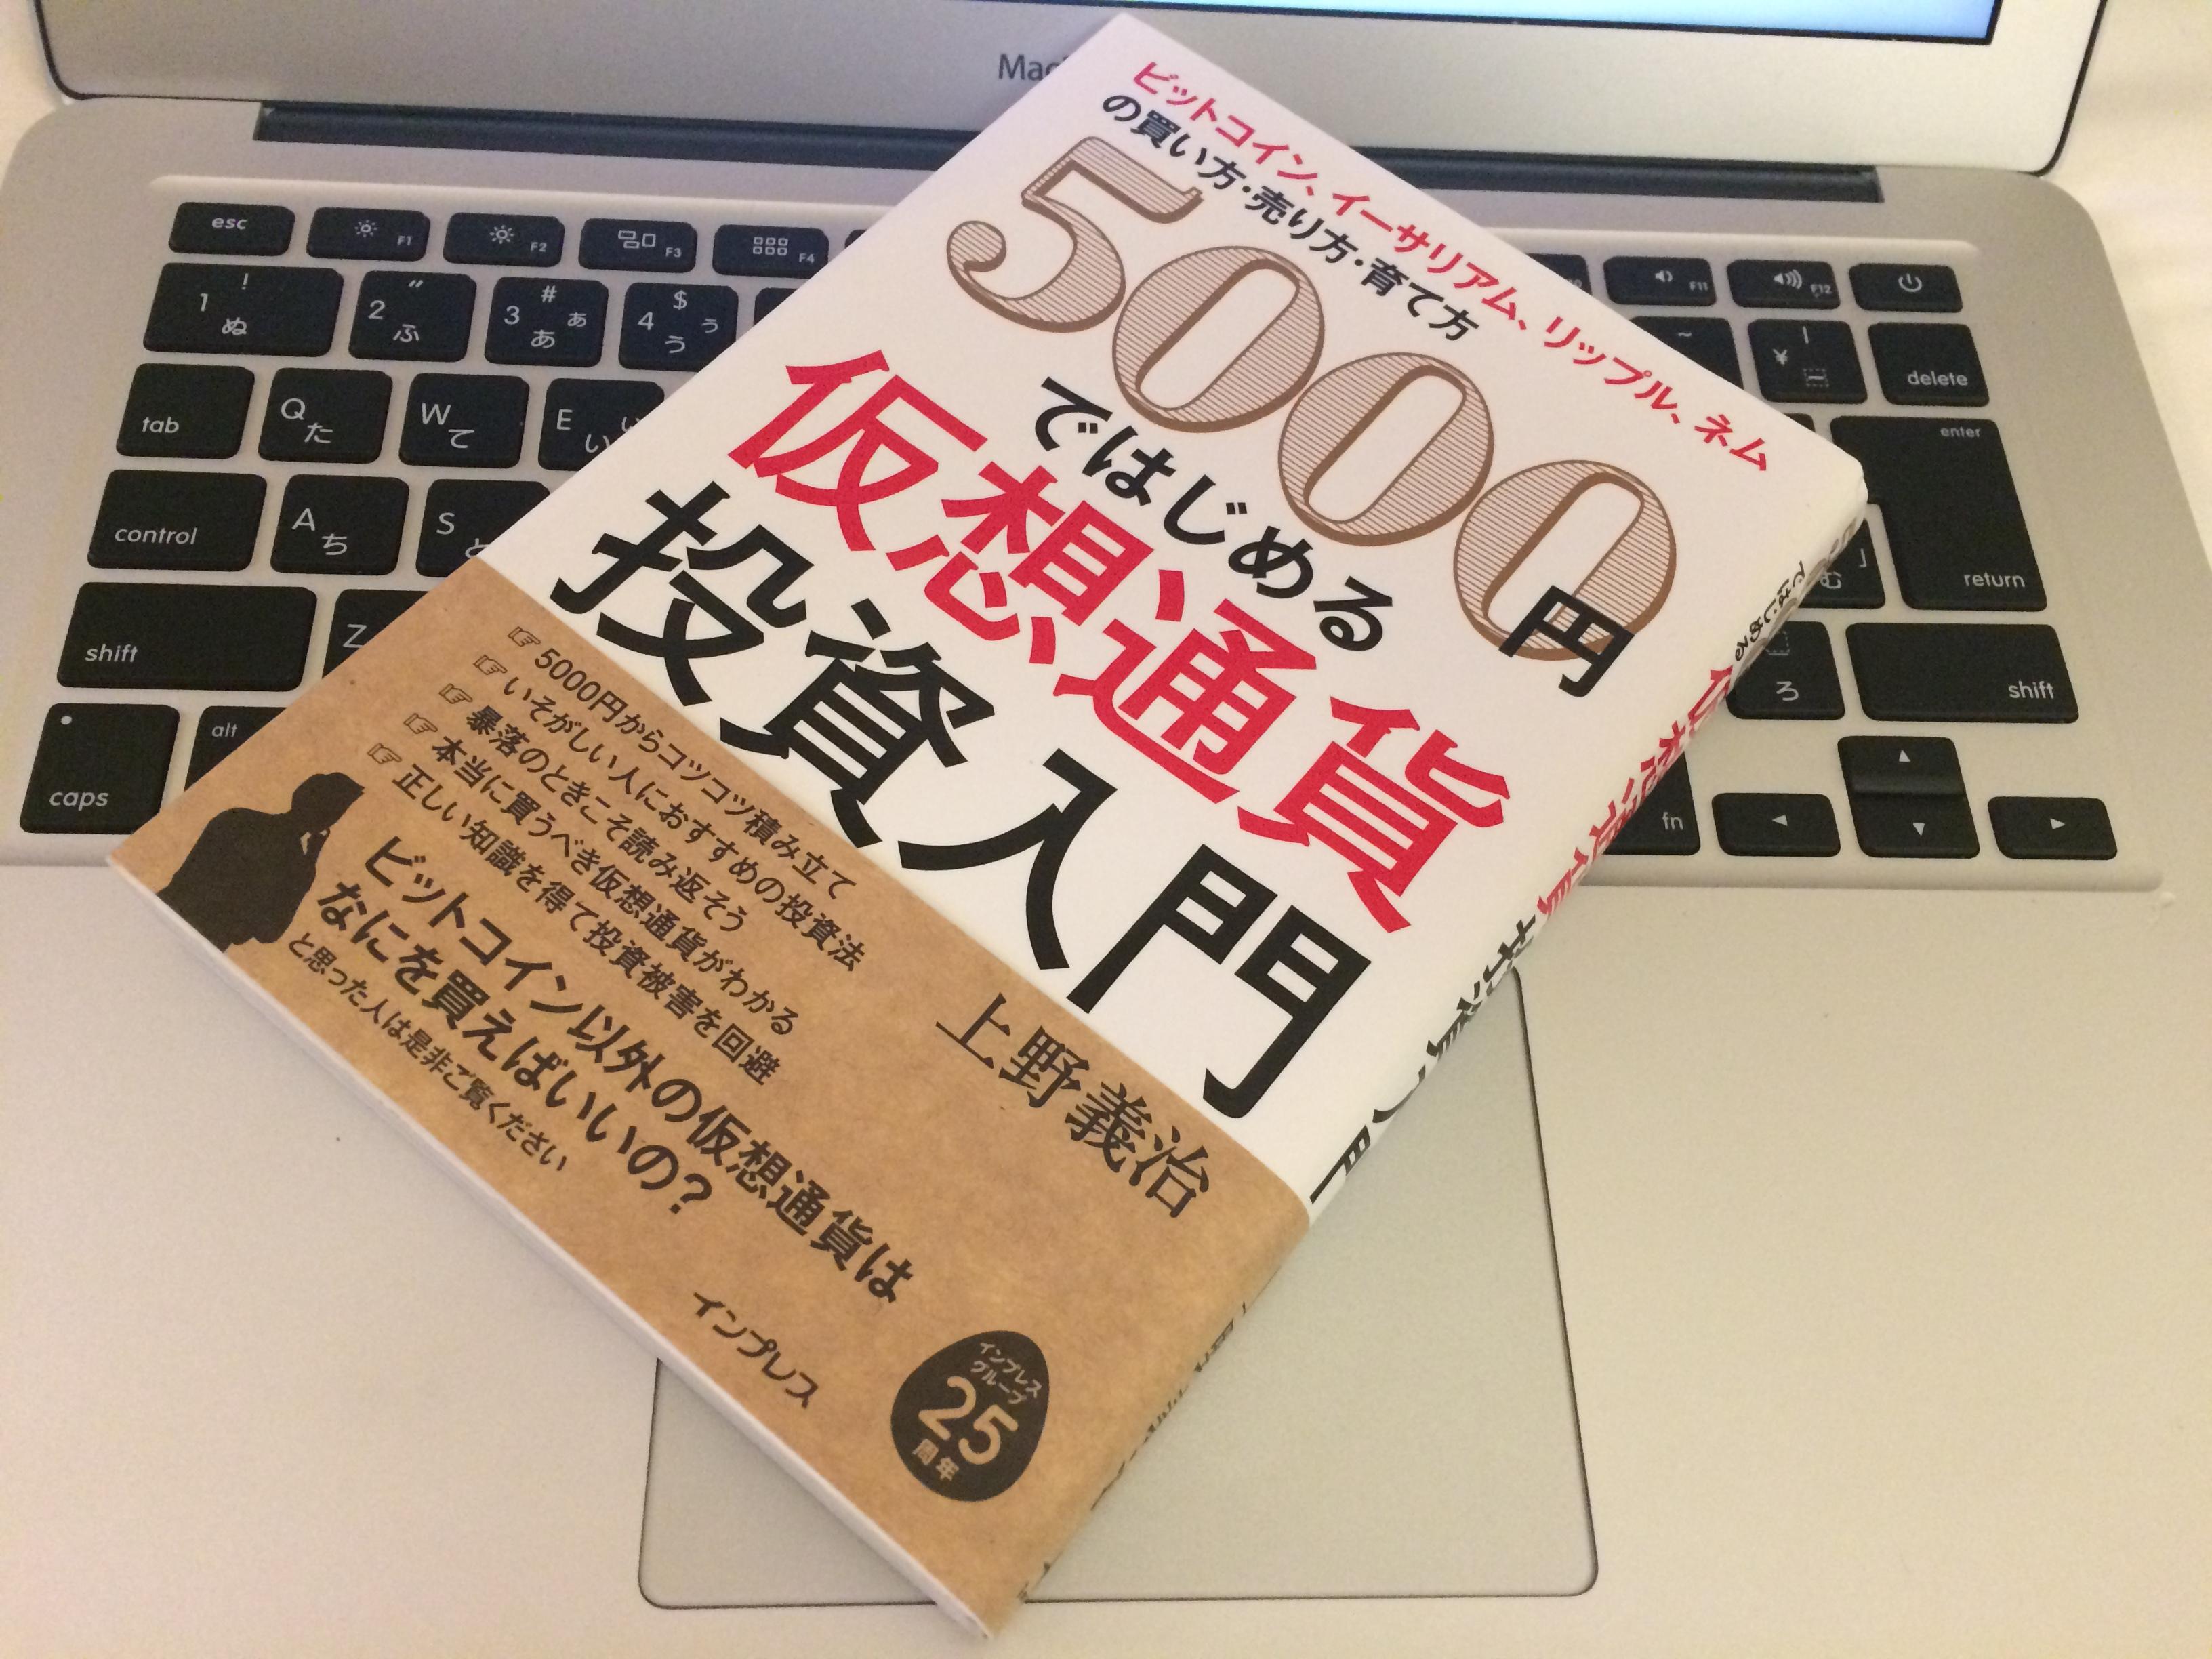 【本】仮想通貨初心者に「5000円ではじめる仮想通貨投資入門」がオススメ!